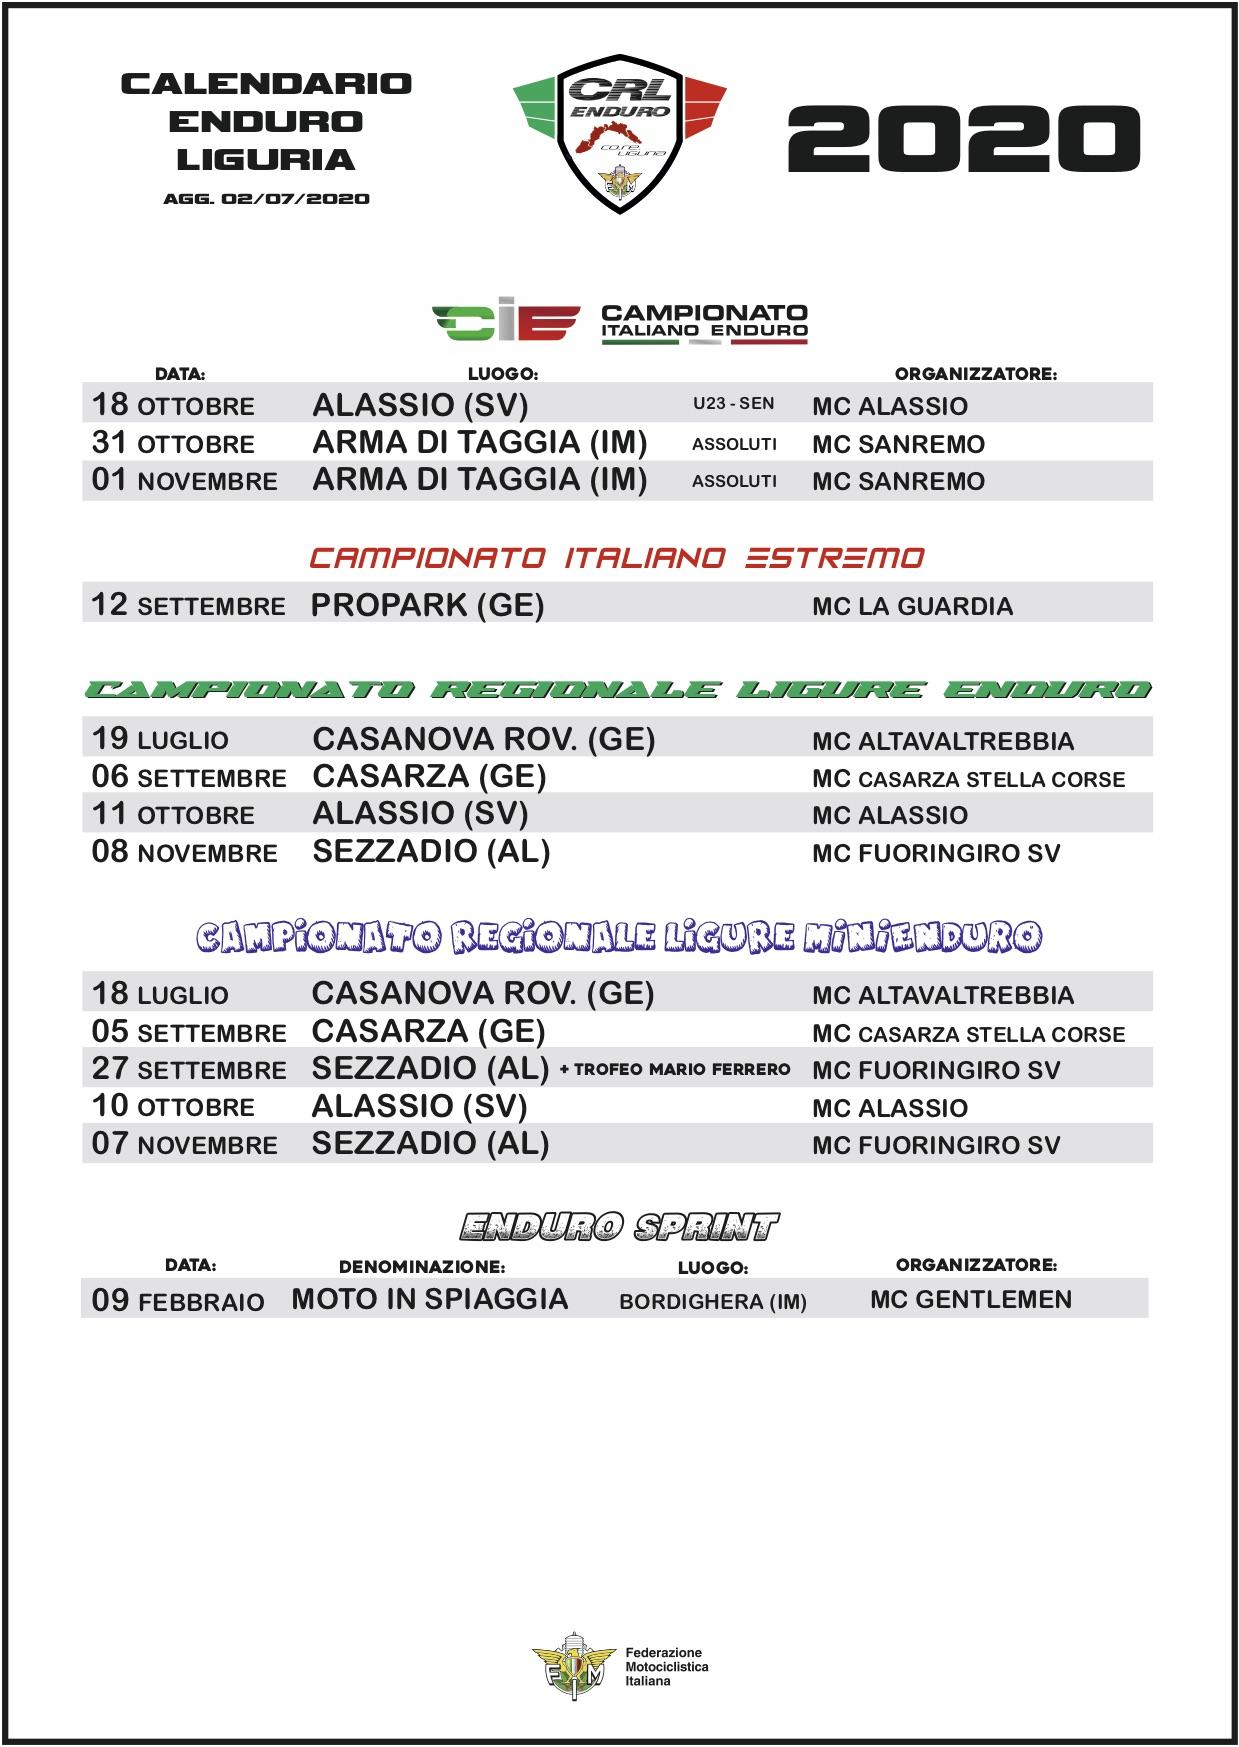 Calendario Enduro Regionale 2021 Calendario Regionale Enduro_aggiornato al 02/07/2020 | Fmi